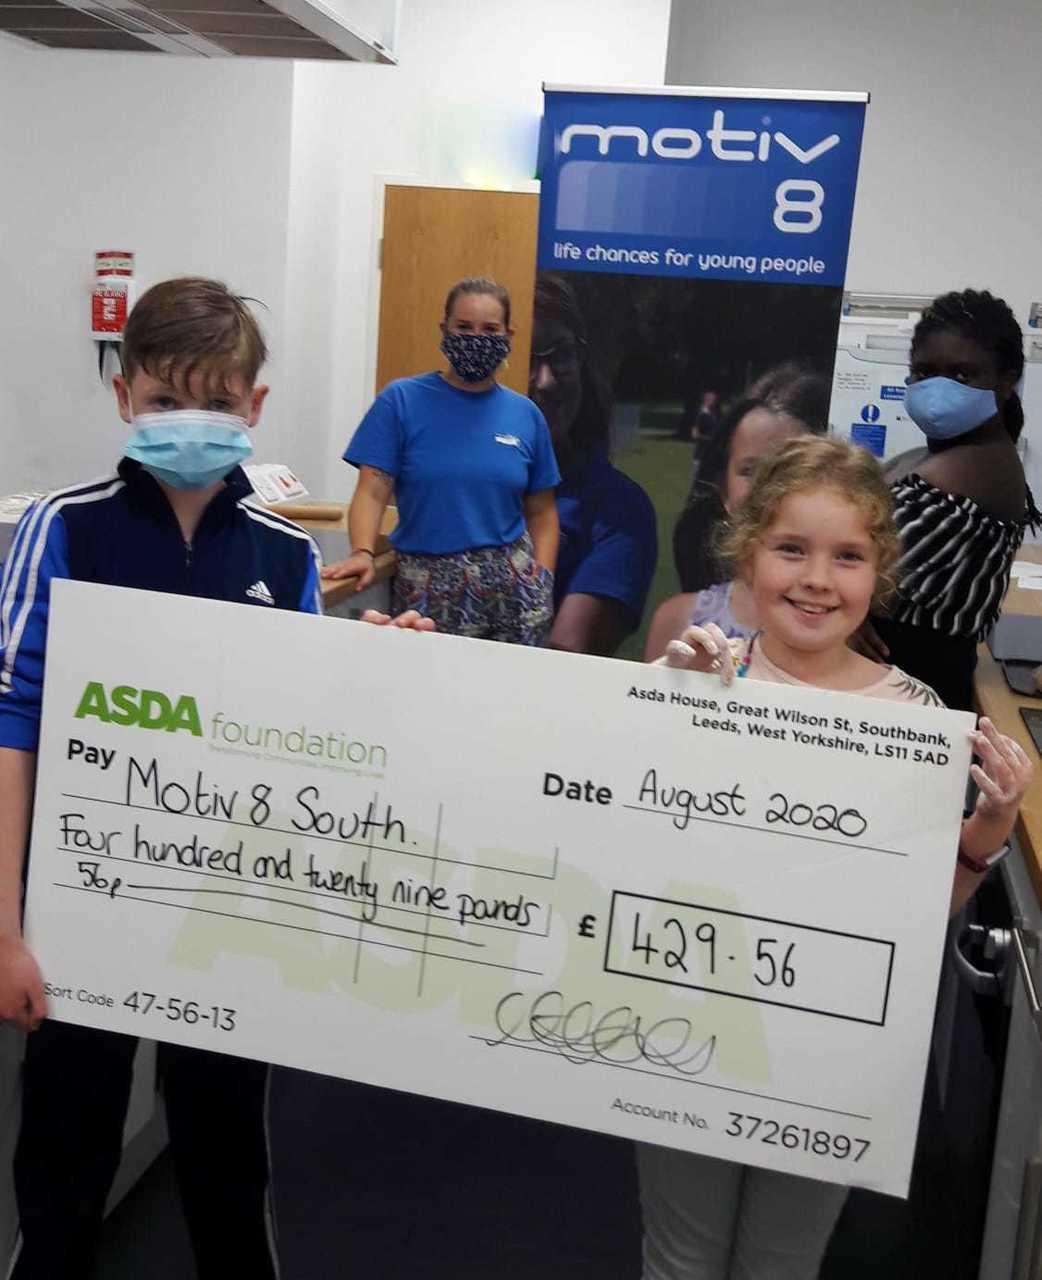 Motiv8 South grant | Asda Portsmouth